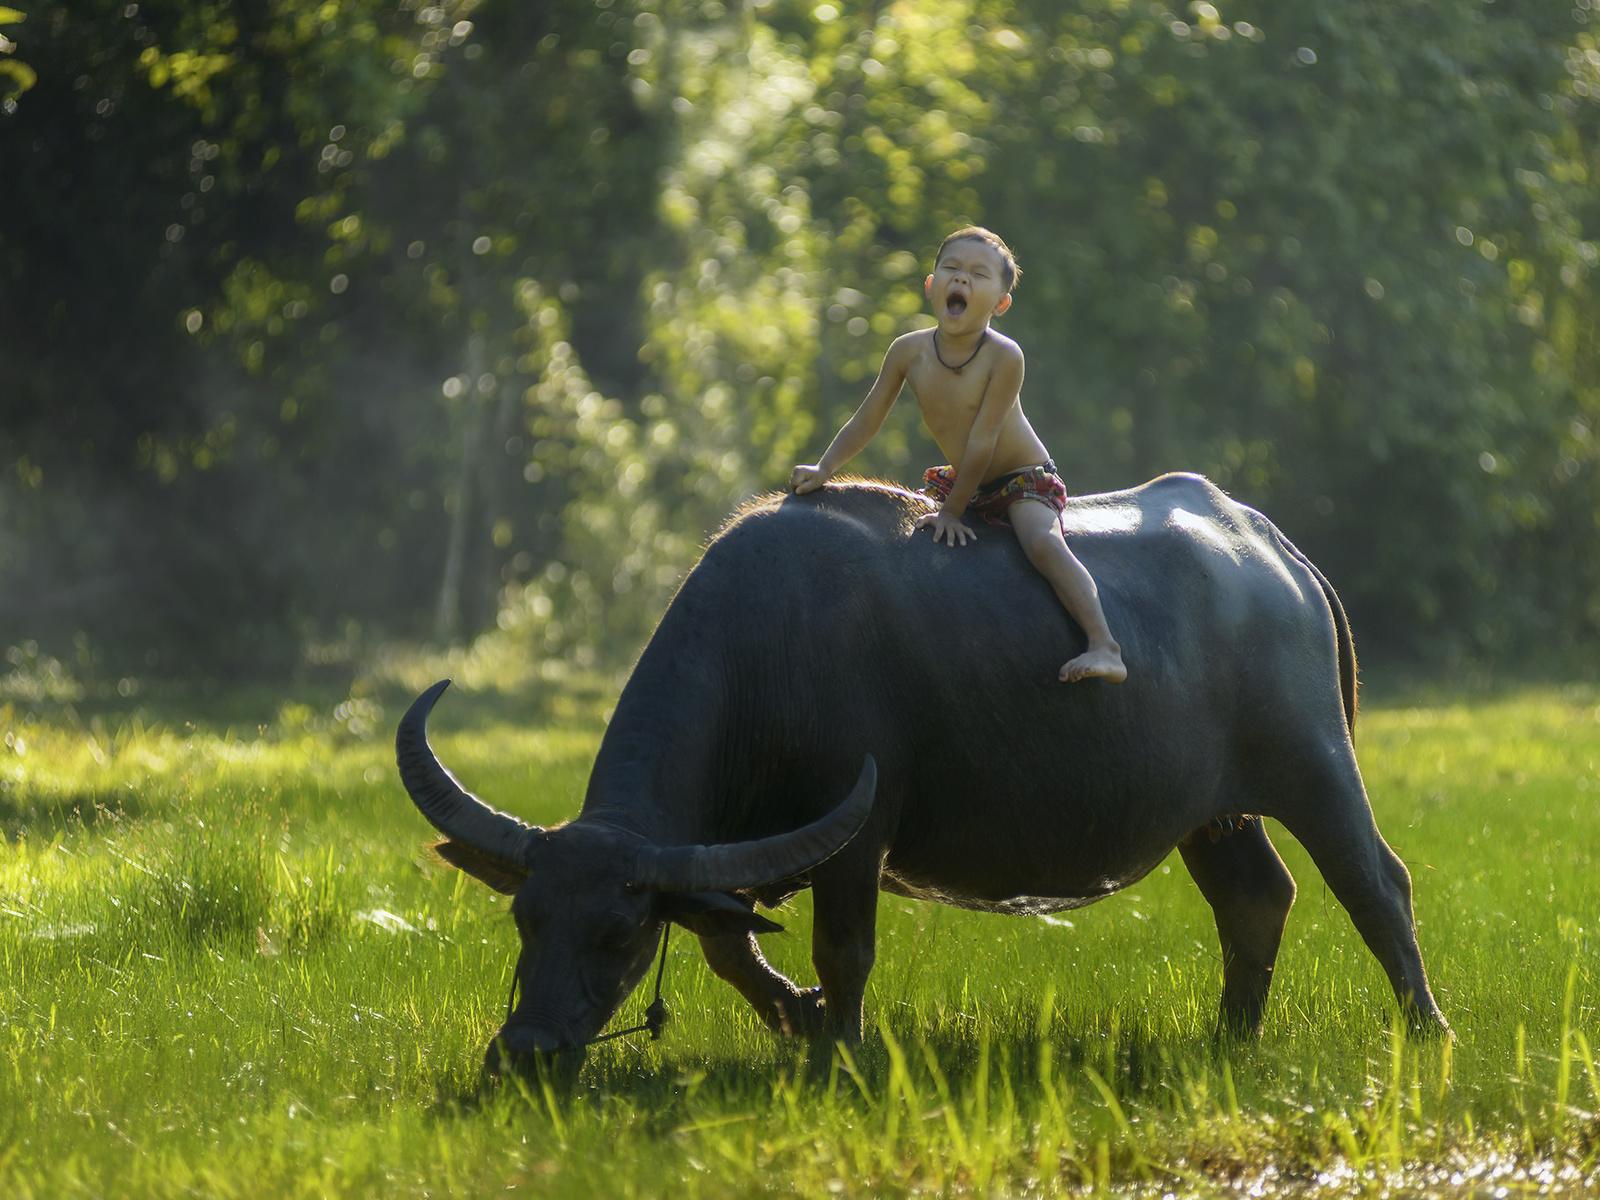 буйвол, мальчик, верхом, восторг, настроение, тайланд